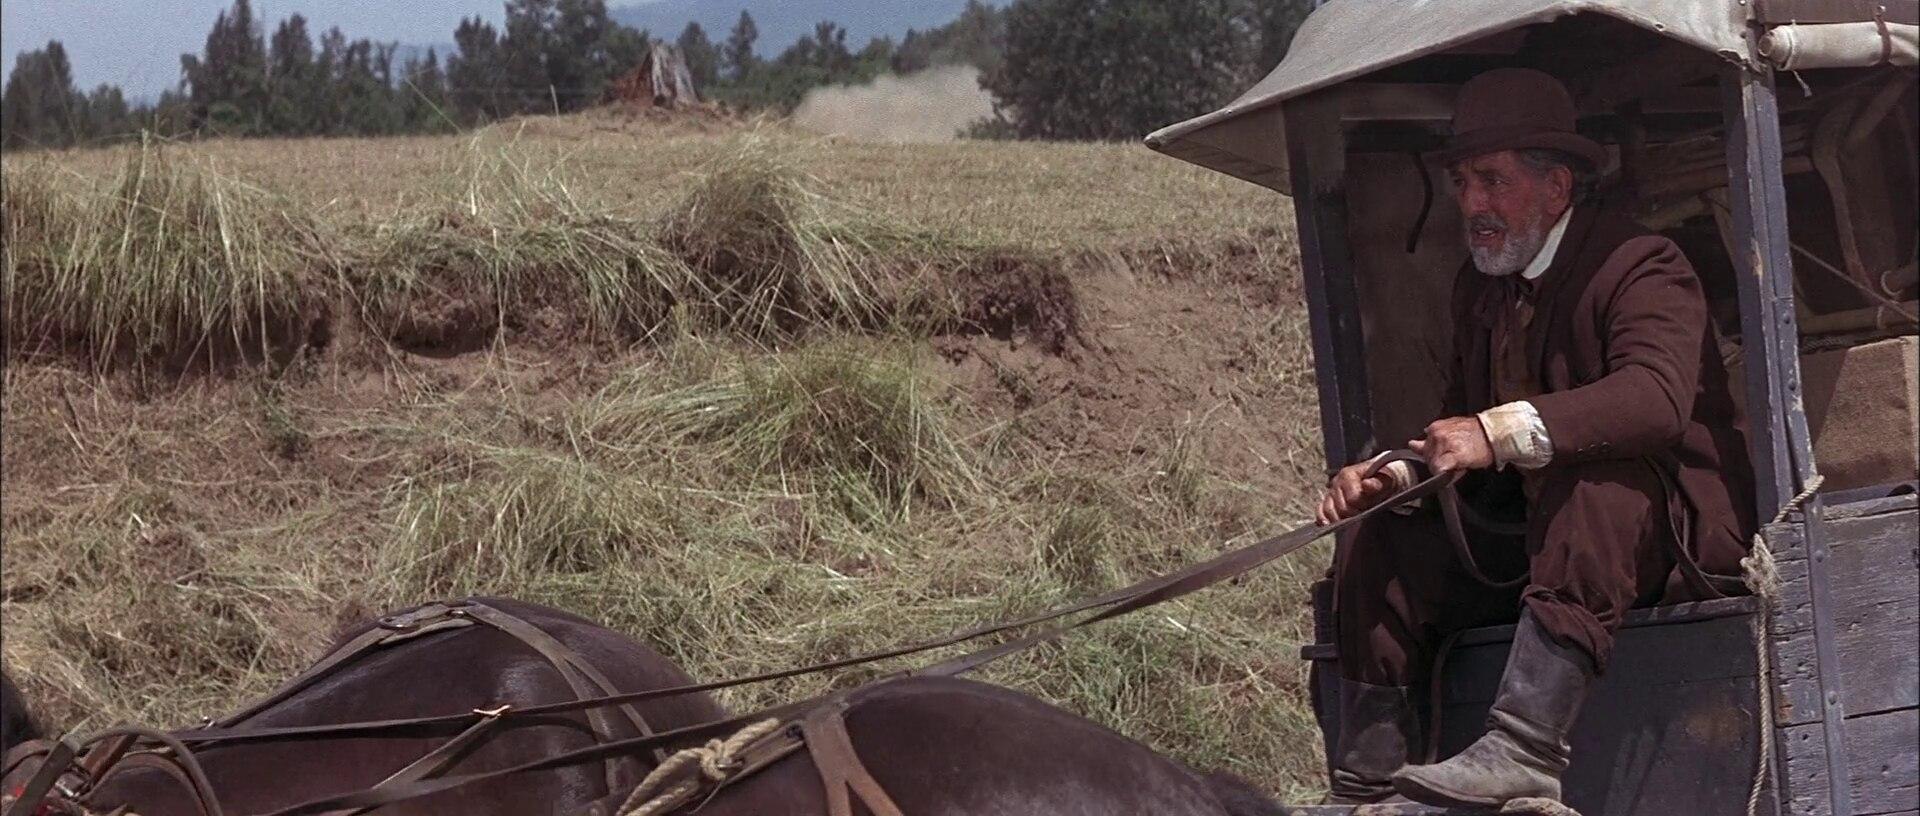 悠悠MP4_MP4电影下载_西部新天地/三虎平西 The.Way.West.1967.1080p.BluRay.x264.DTS-FGT 9.19GB